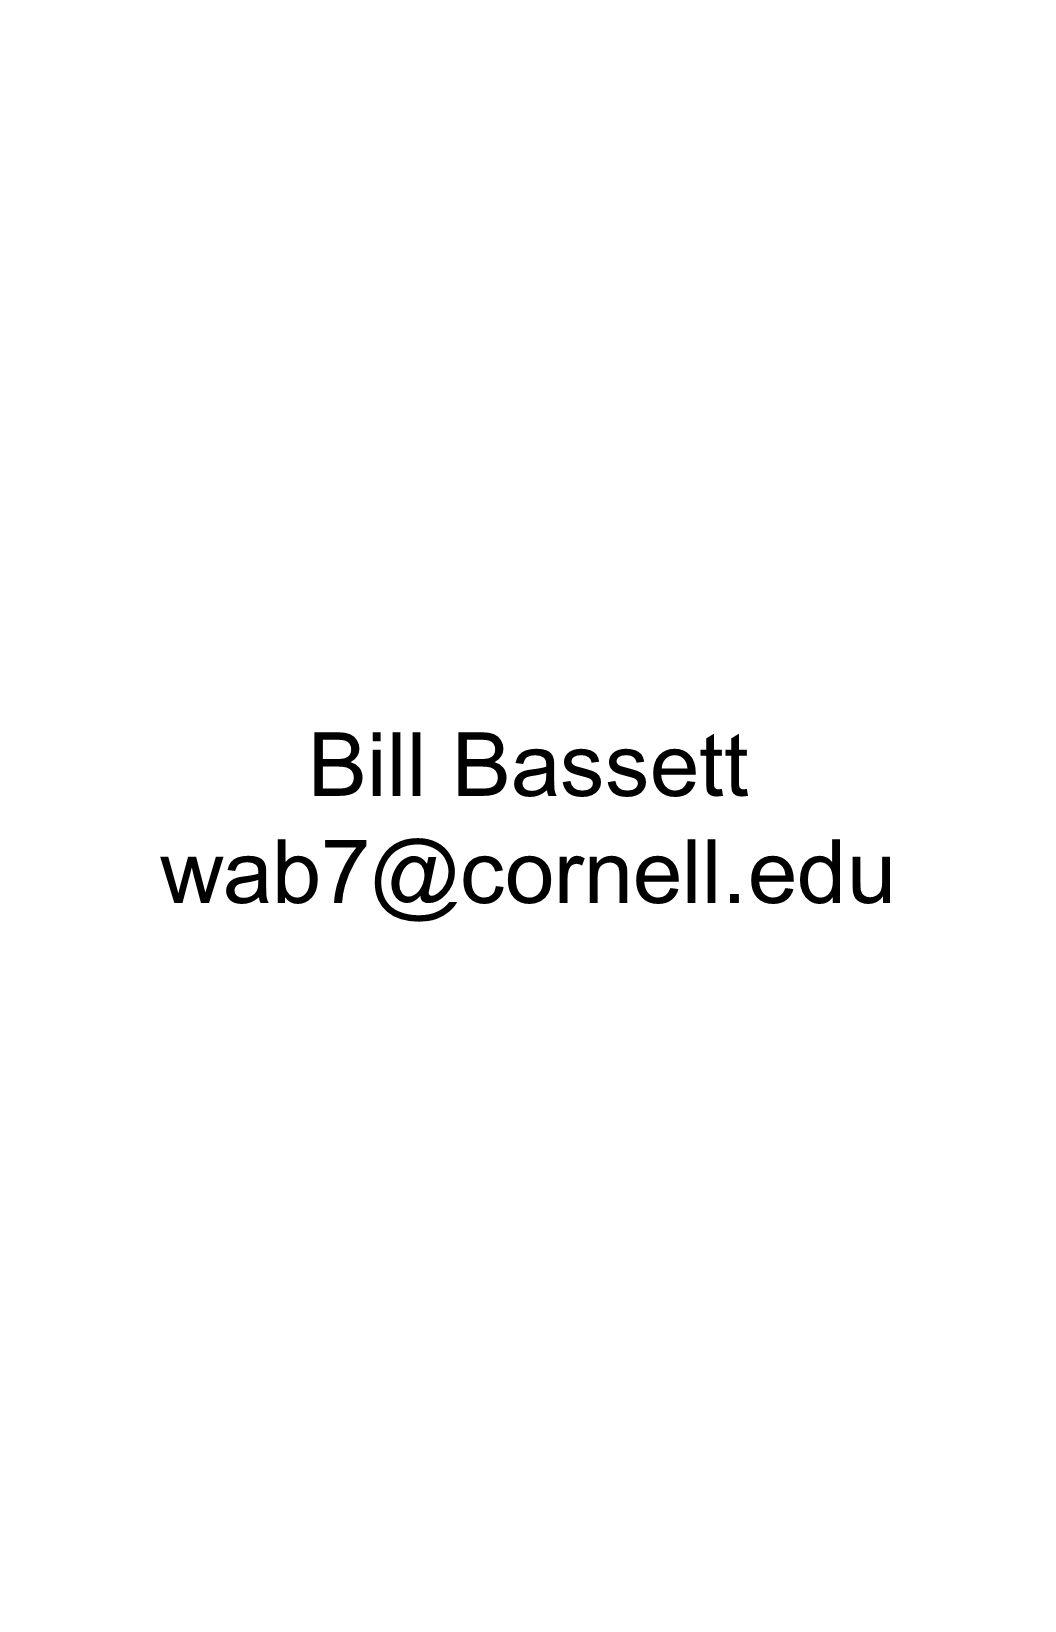 Bill Bassett wab7@cornell.edu